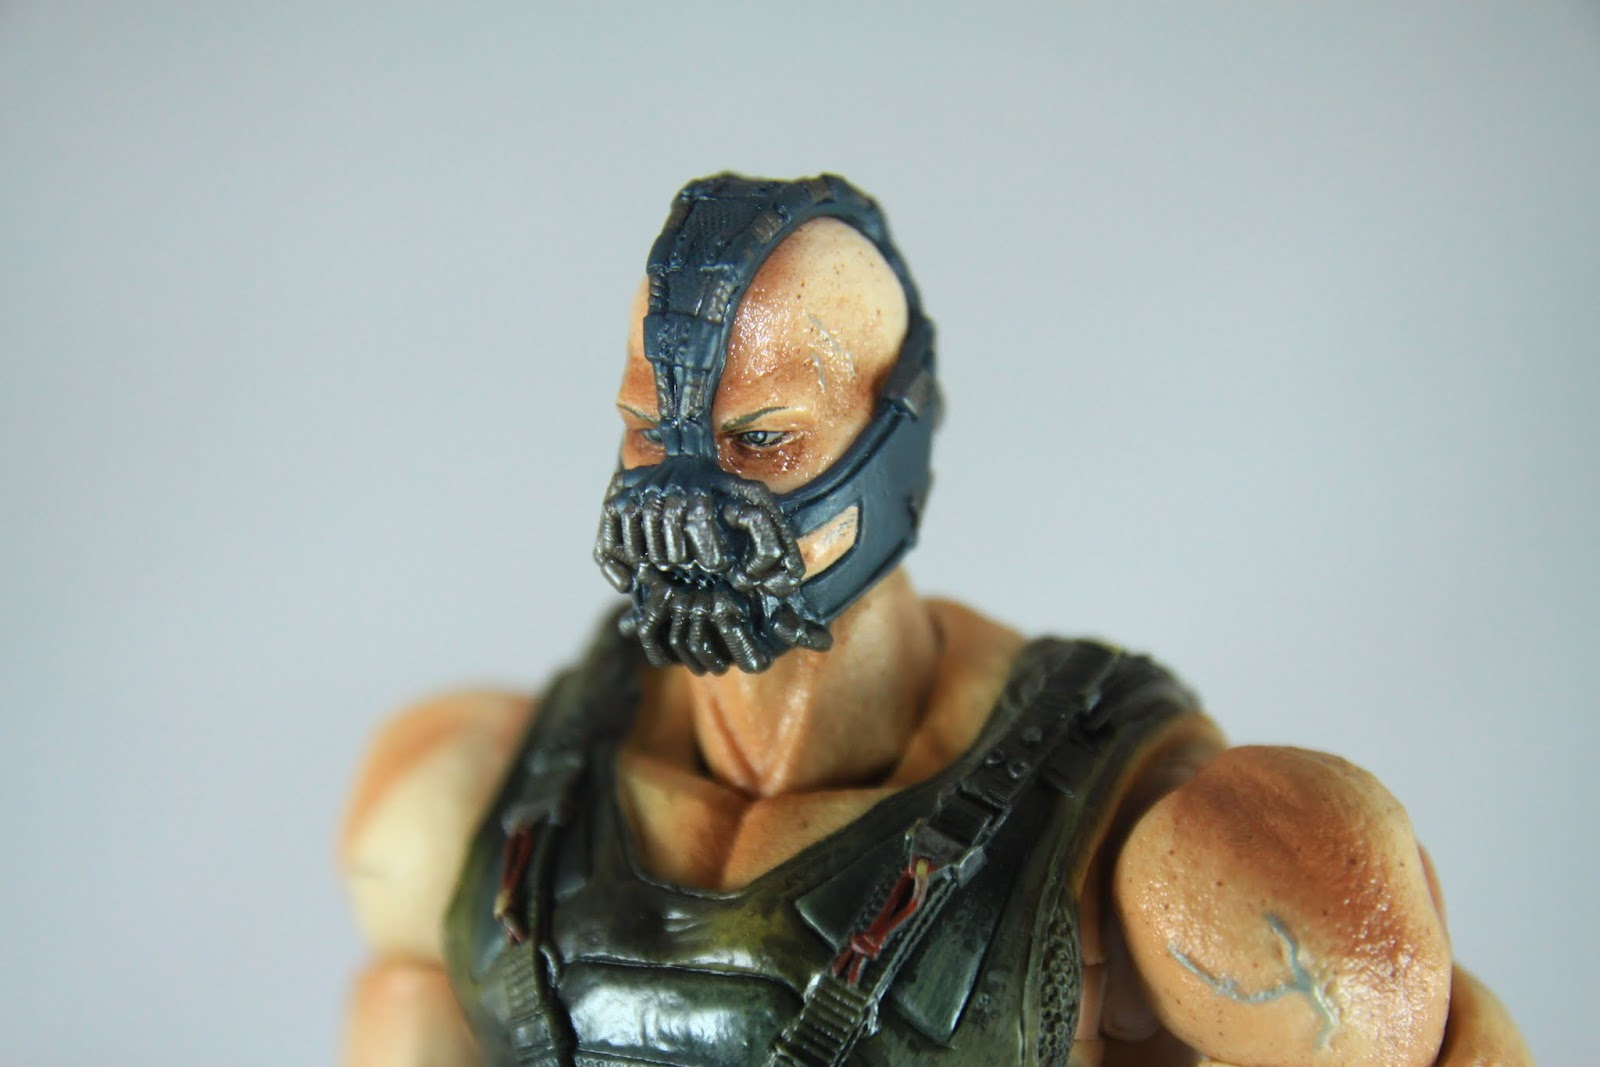 比起前一款蝙蝠俠用腦補可以有演員的感覺 這款Bane似乎比較難有相同效果 不過面具的細節頗細緻的 硬要挑的話 就是兩頰被面具擠出來的肉很不自然 一看就知道跟面具是同一個零件